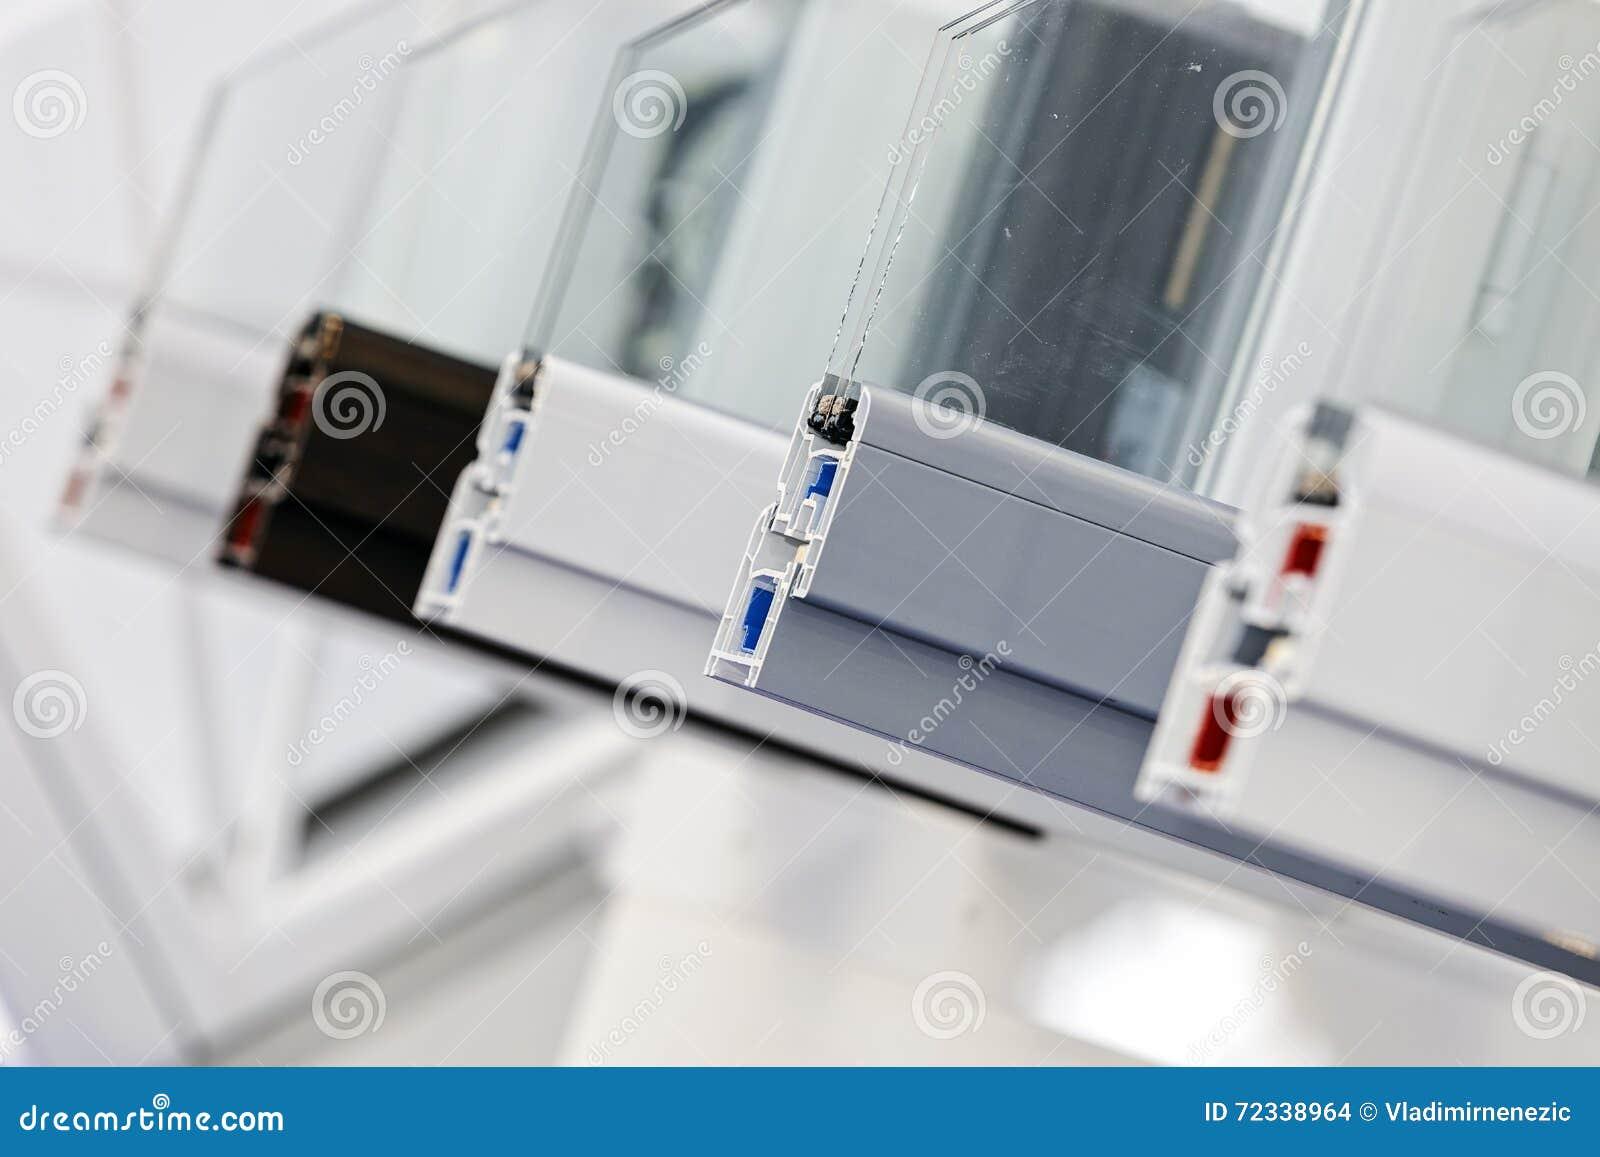 Profili pvc per finestre good coprifilo in pvc per finestra rotonda ovale with profili pvc per - Finestra rotonda e ovale ...